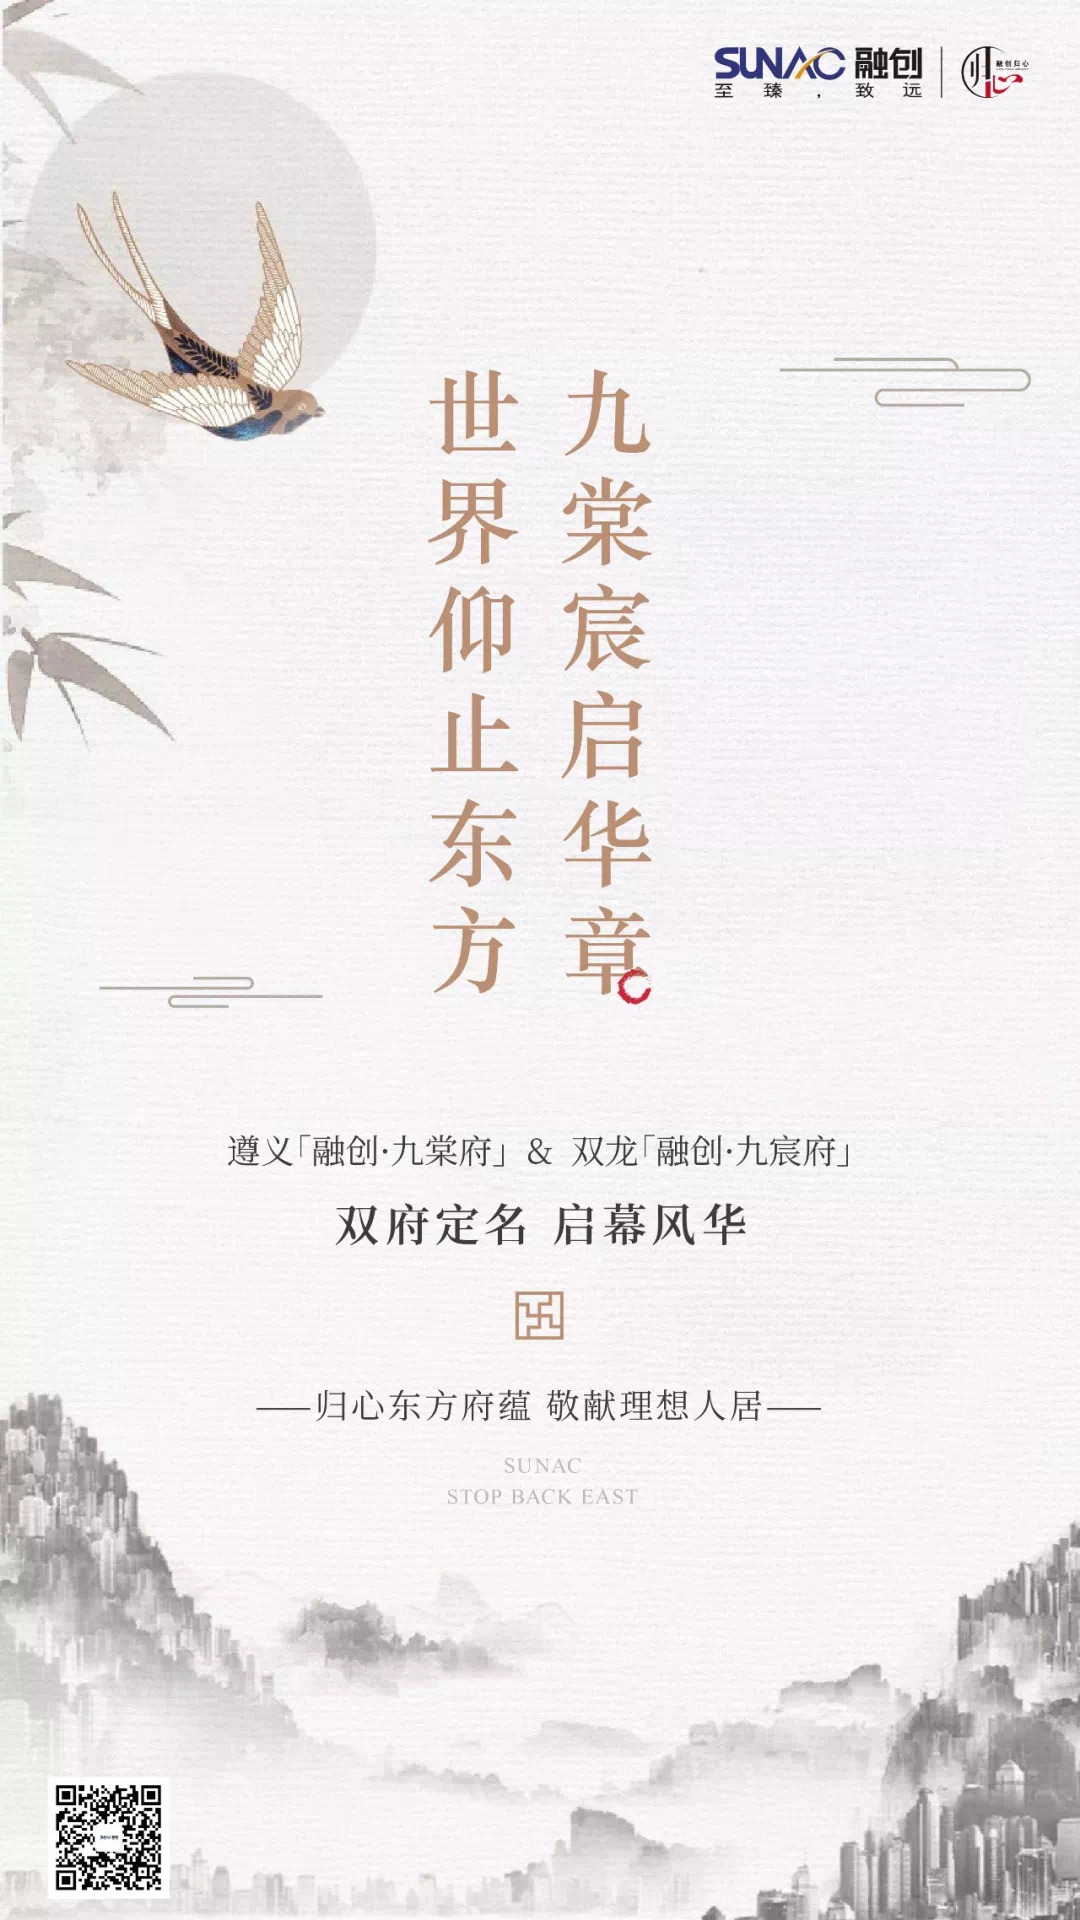 融创贵州九府系双案名亮相,盛启东方美好生活!